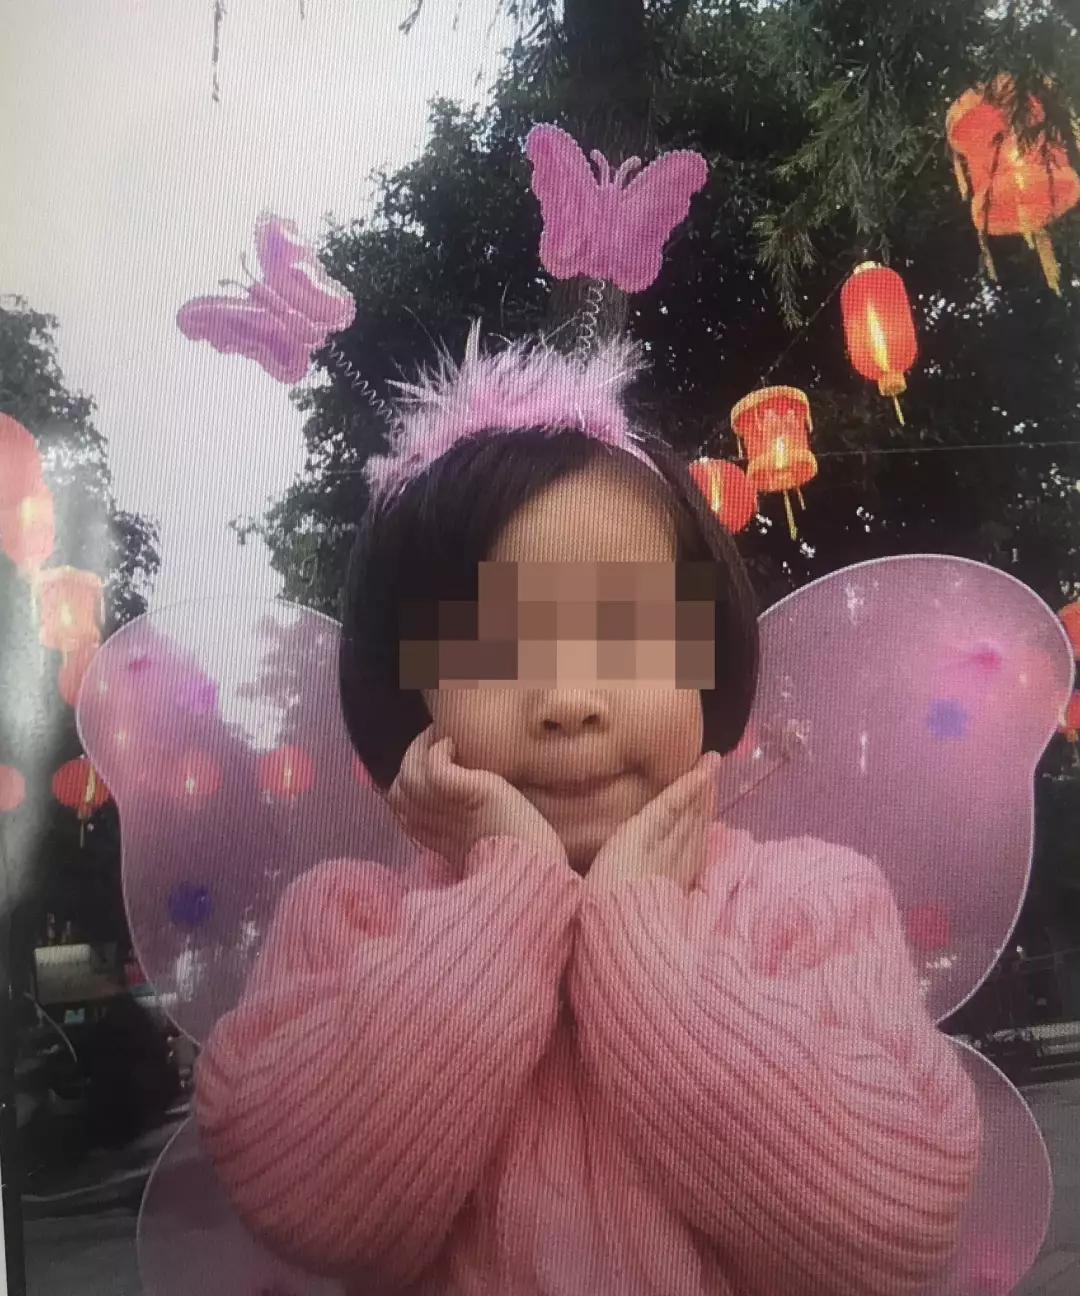 8岁女孩游乐场突然昏迷,心脏骤停……这种网红设施又出事,孩子慎玩!